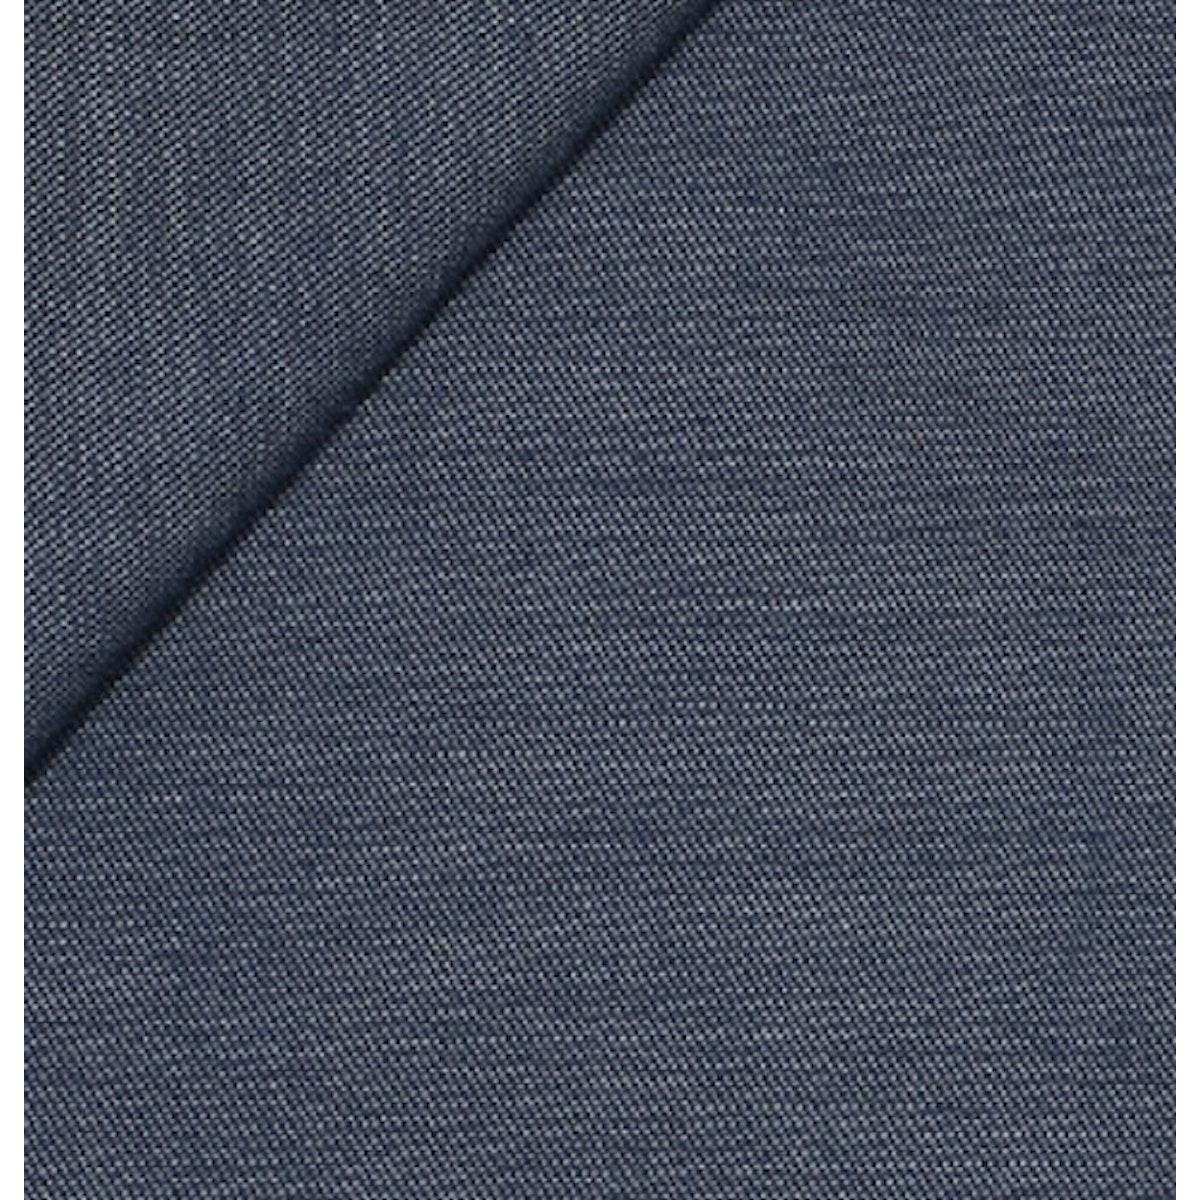 InStitchu Shirt Fabric 4442